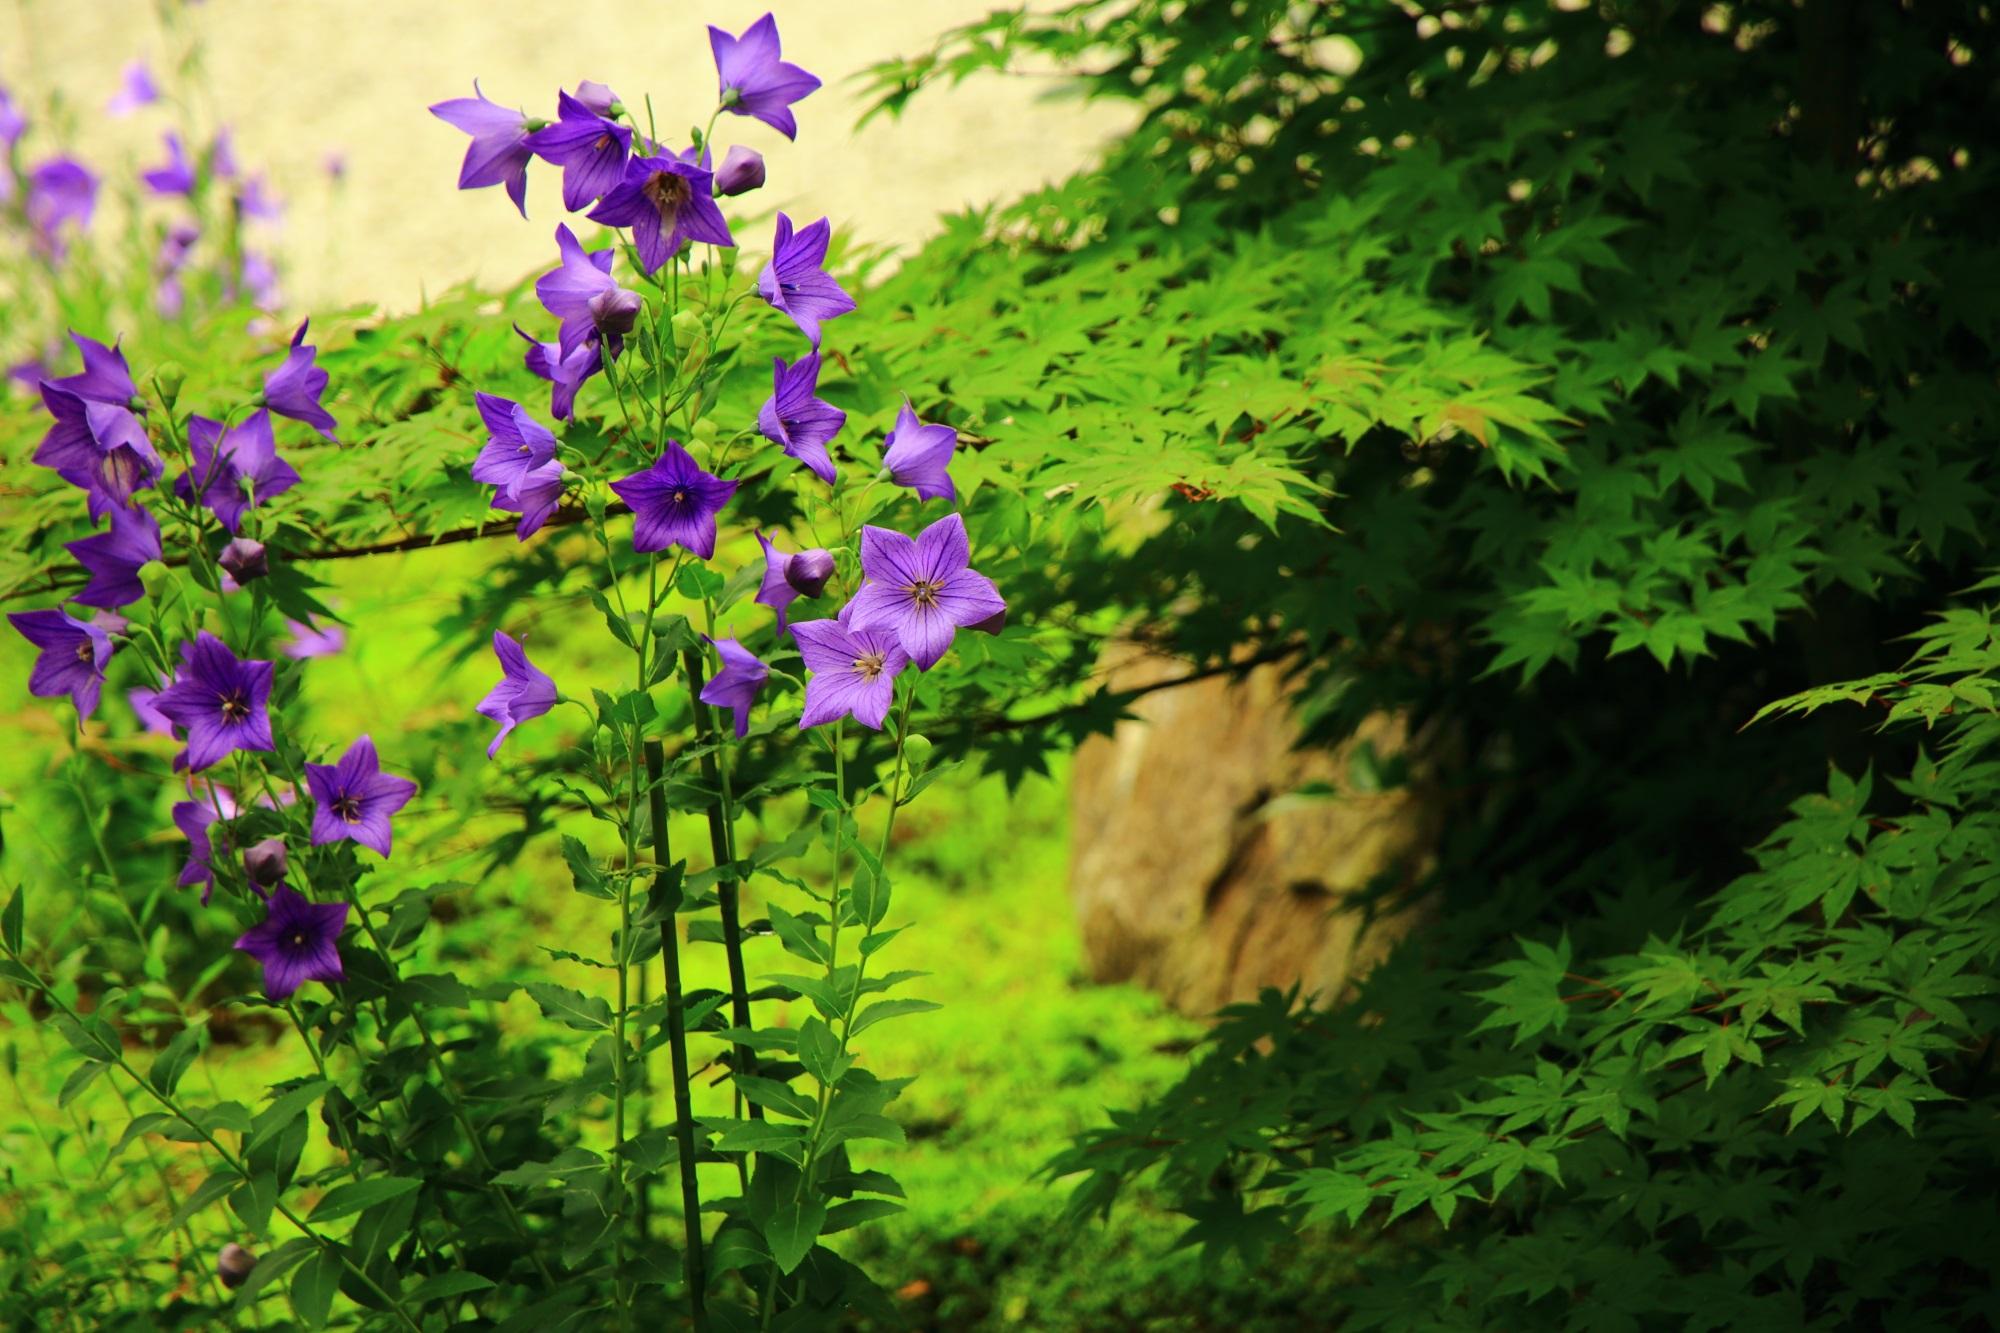 廬山寺の淡い緑に映える鮮やかな紫の桔梗